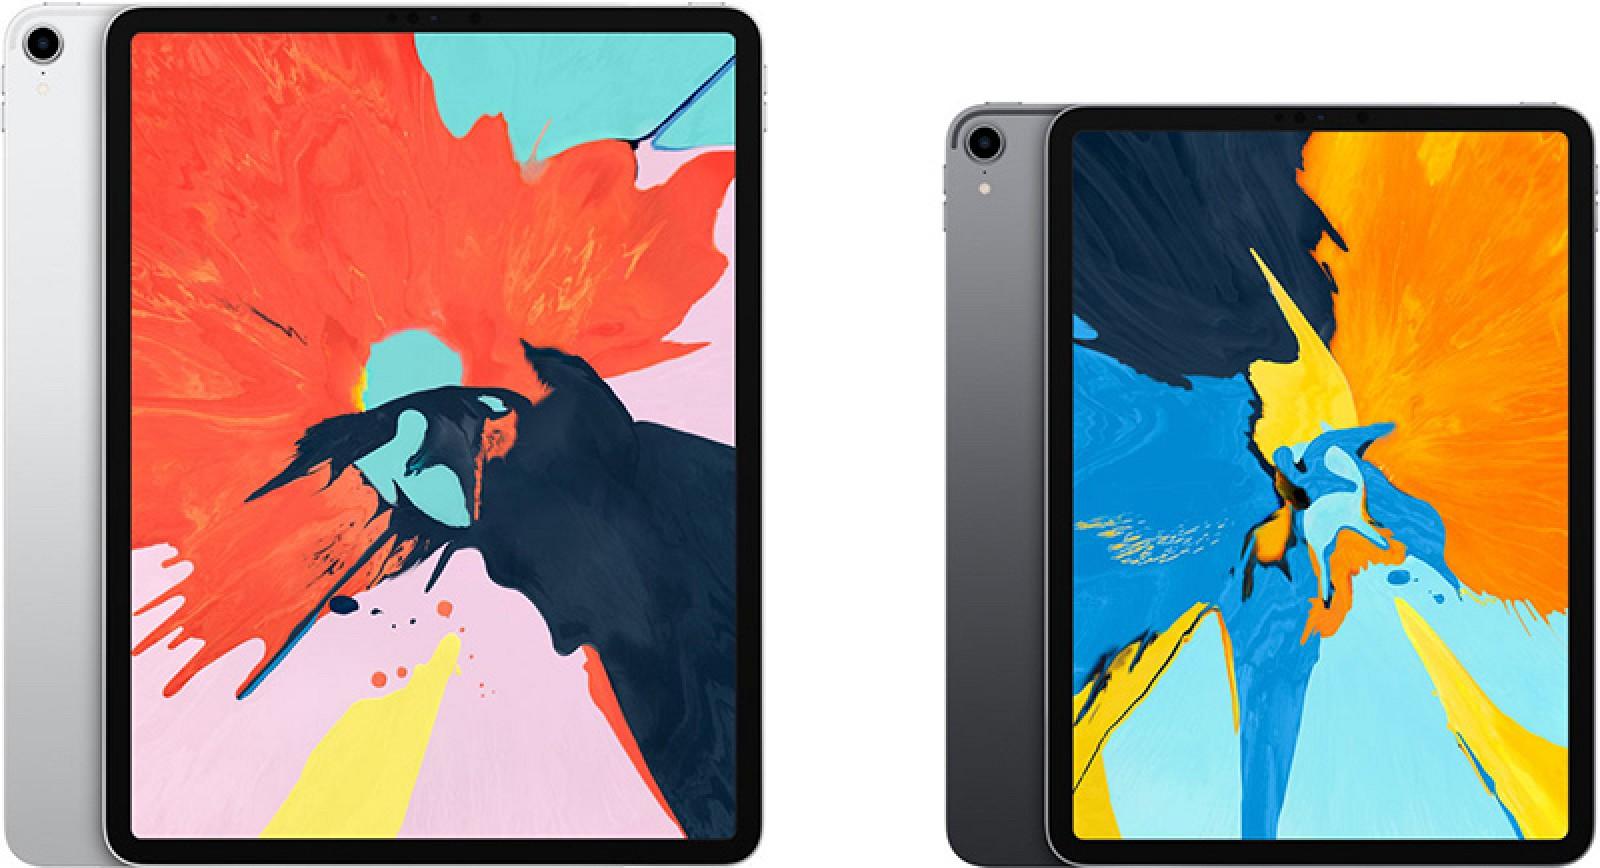 Ofertas destacadas: el iPad Pro 2018 recibe nuevos precios bajos con descuentos de hasta $ 400 de descuento